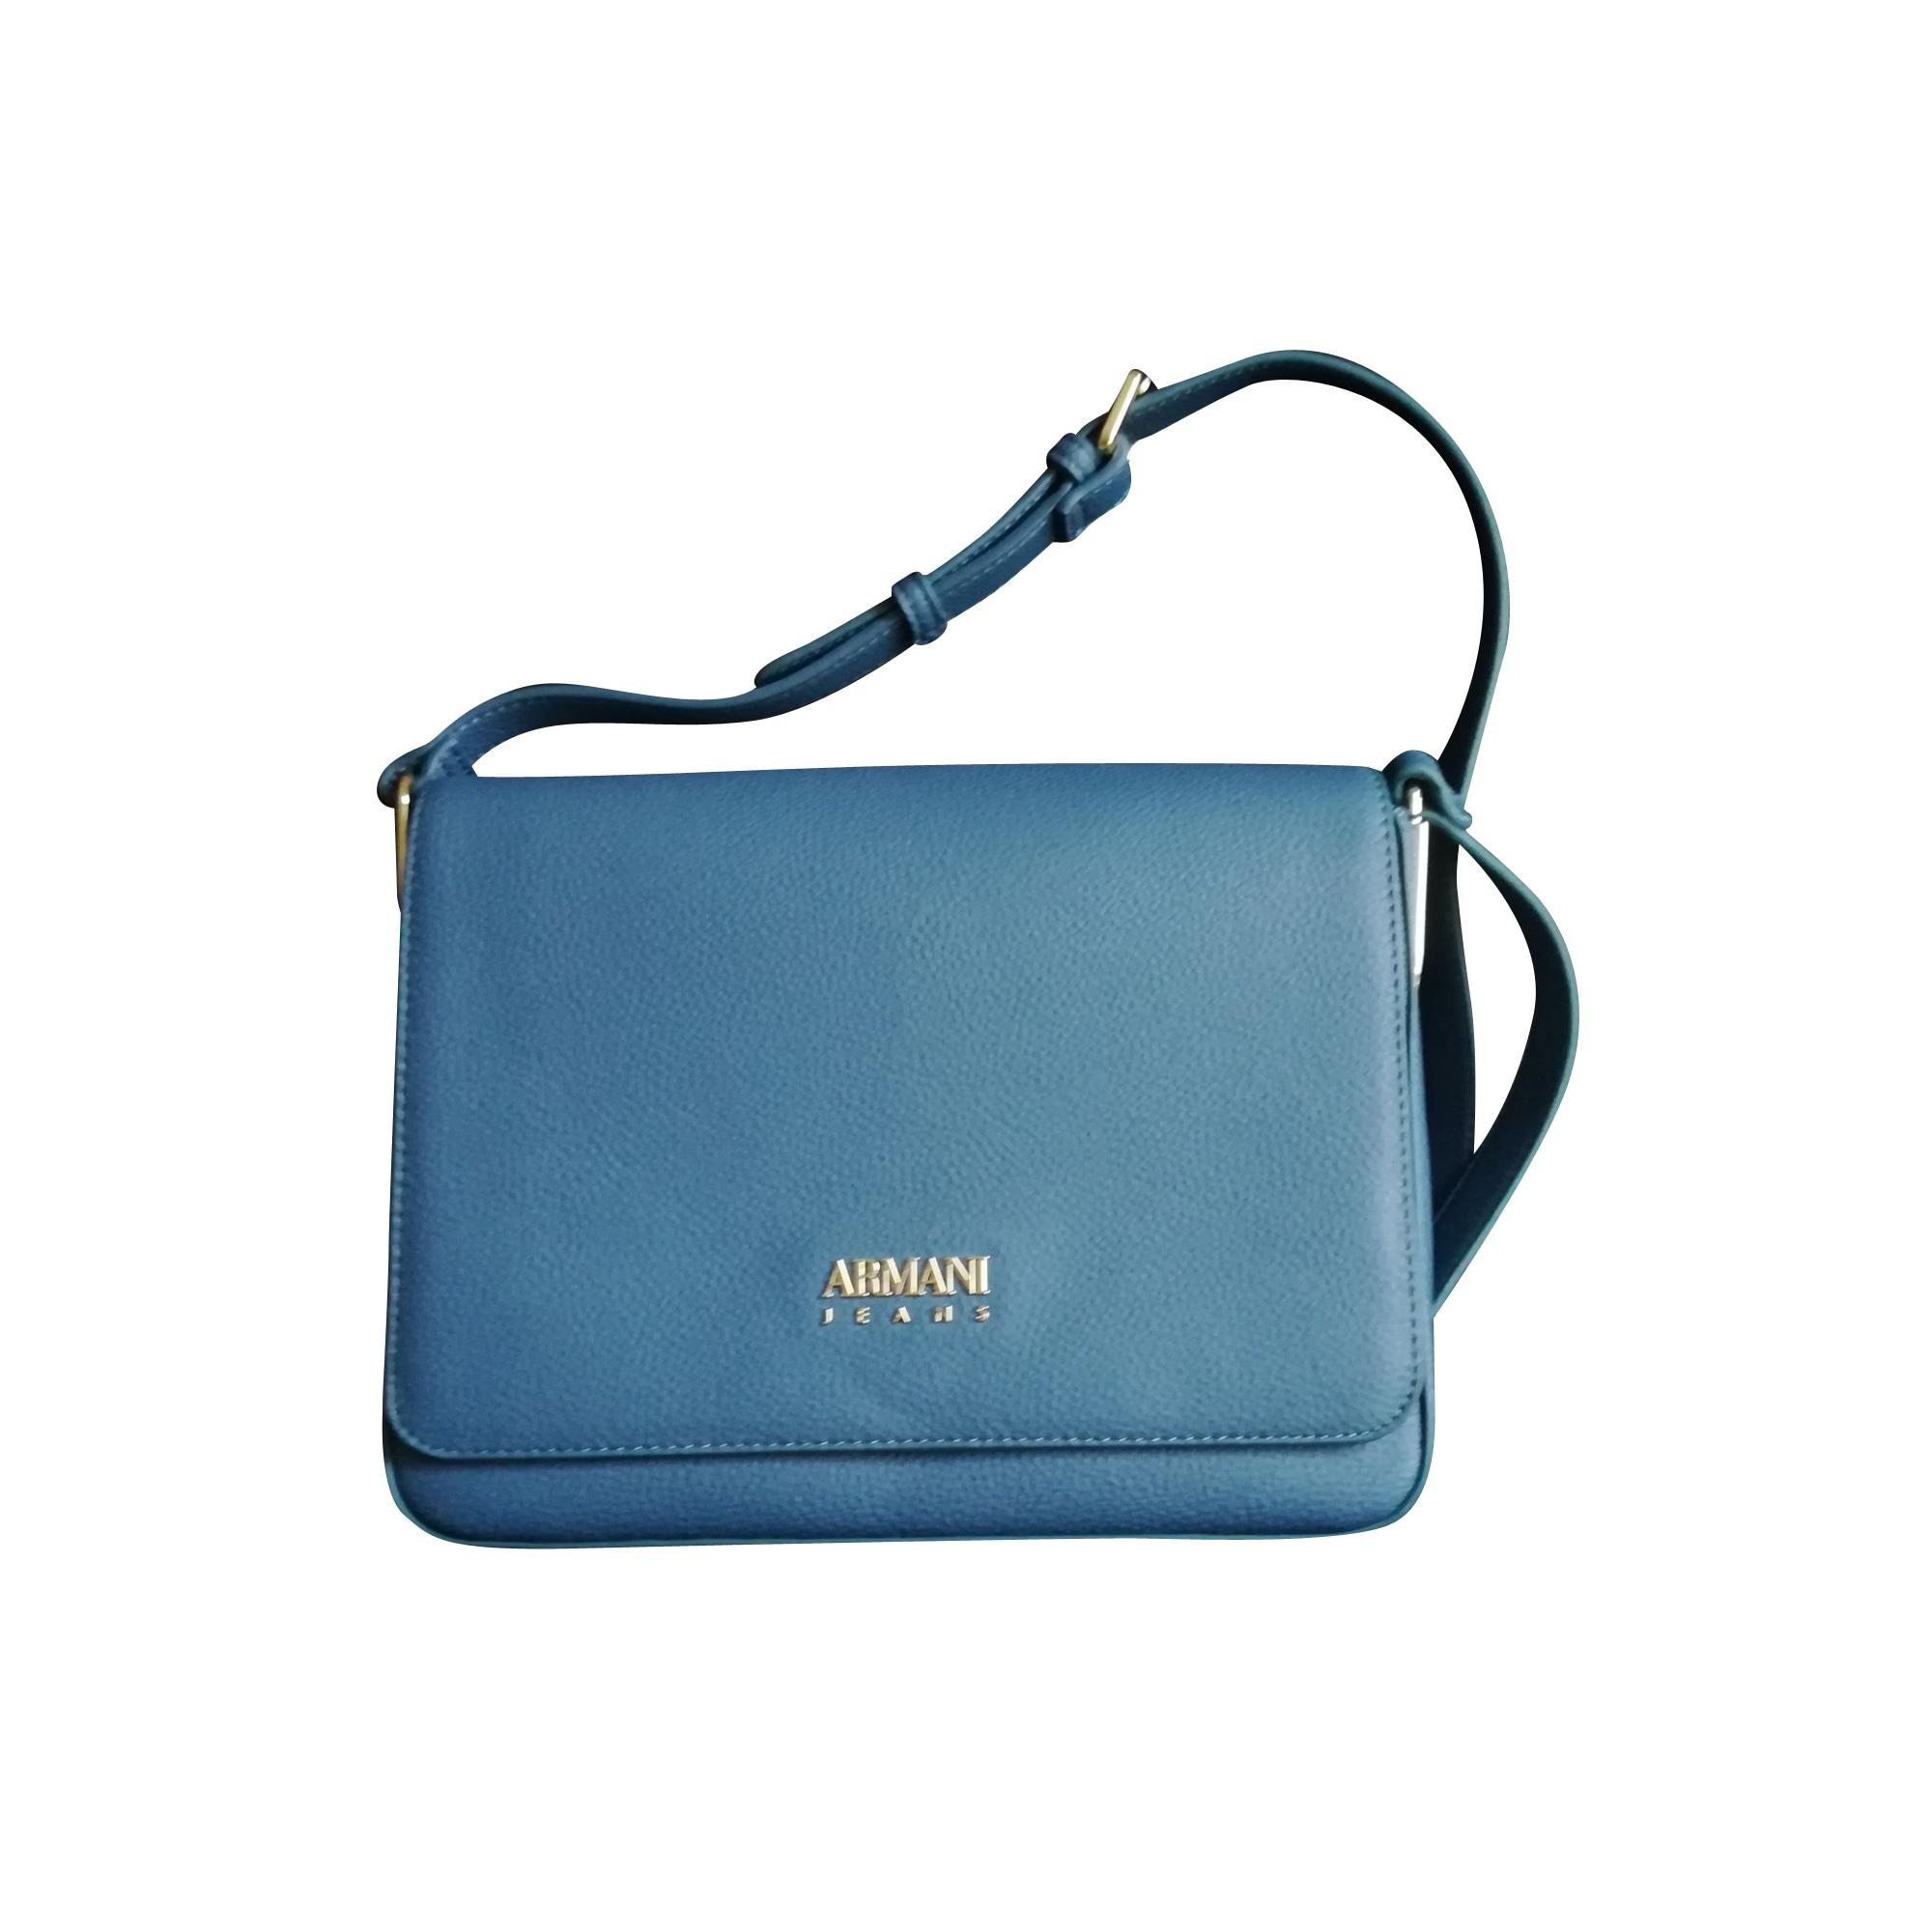 85a64ae396ef Sac à main en cuir ARMANI JEANS Bleu, bleu marine, bleu turquoise